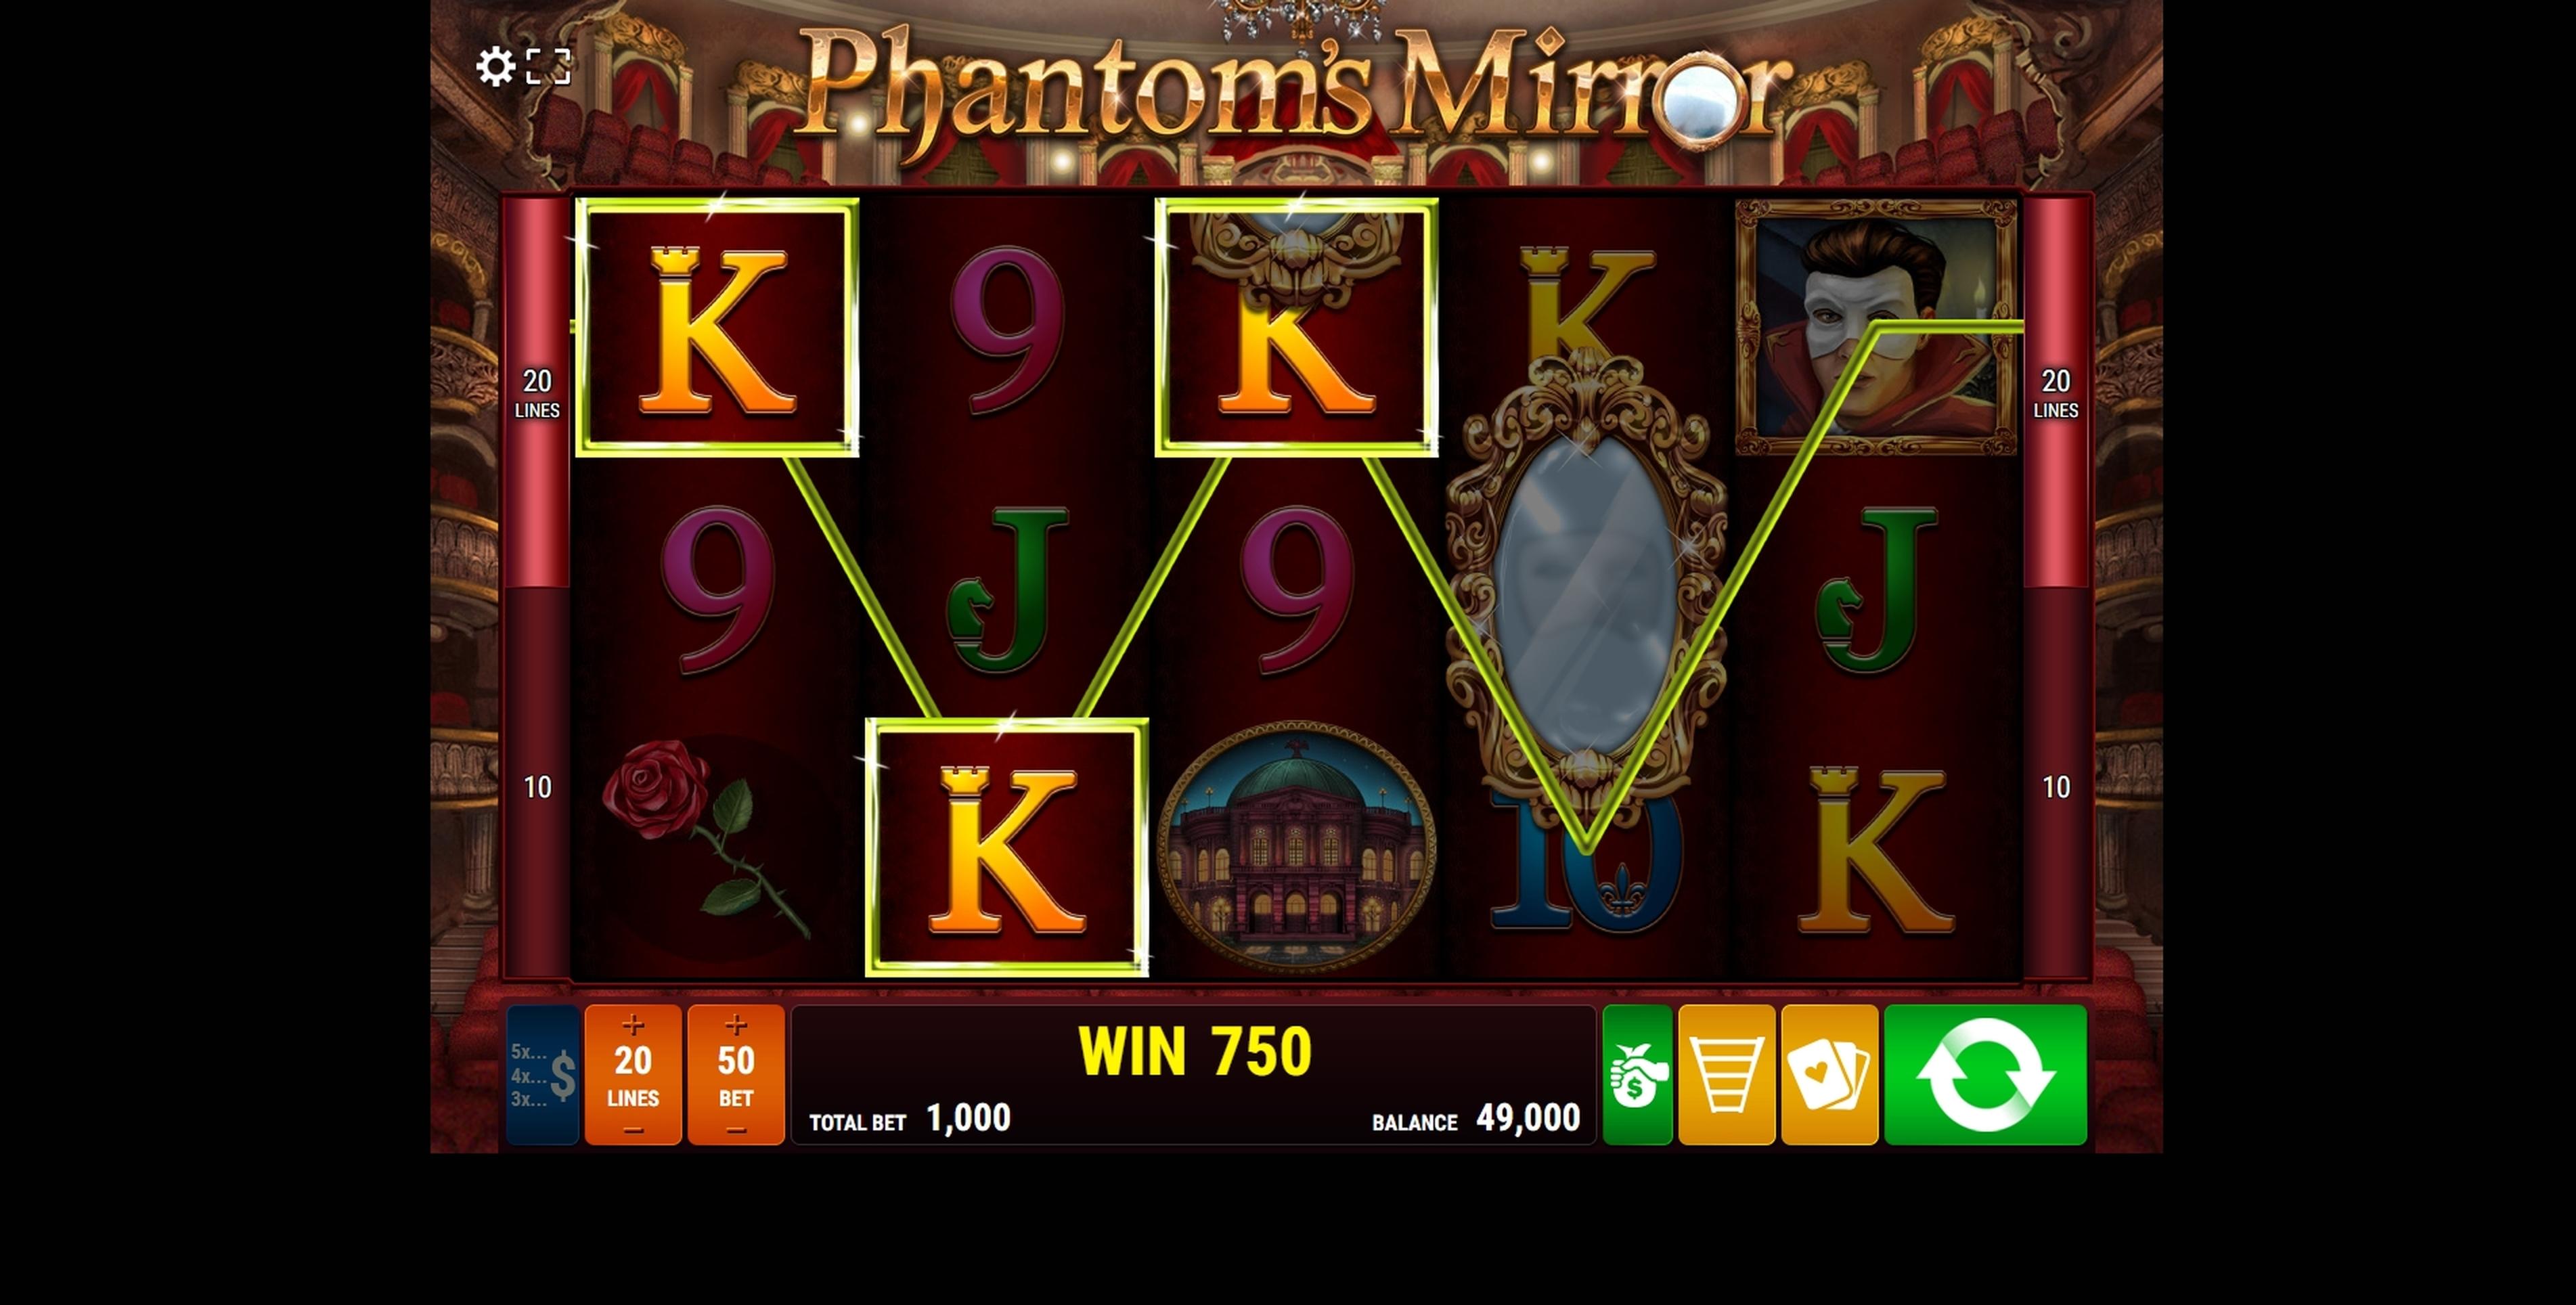 Germania casino bonus